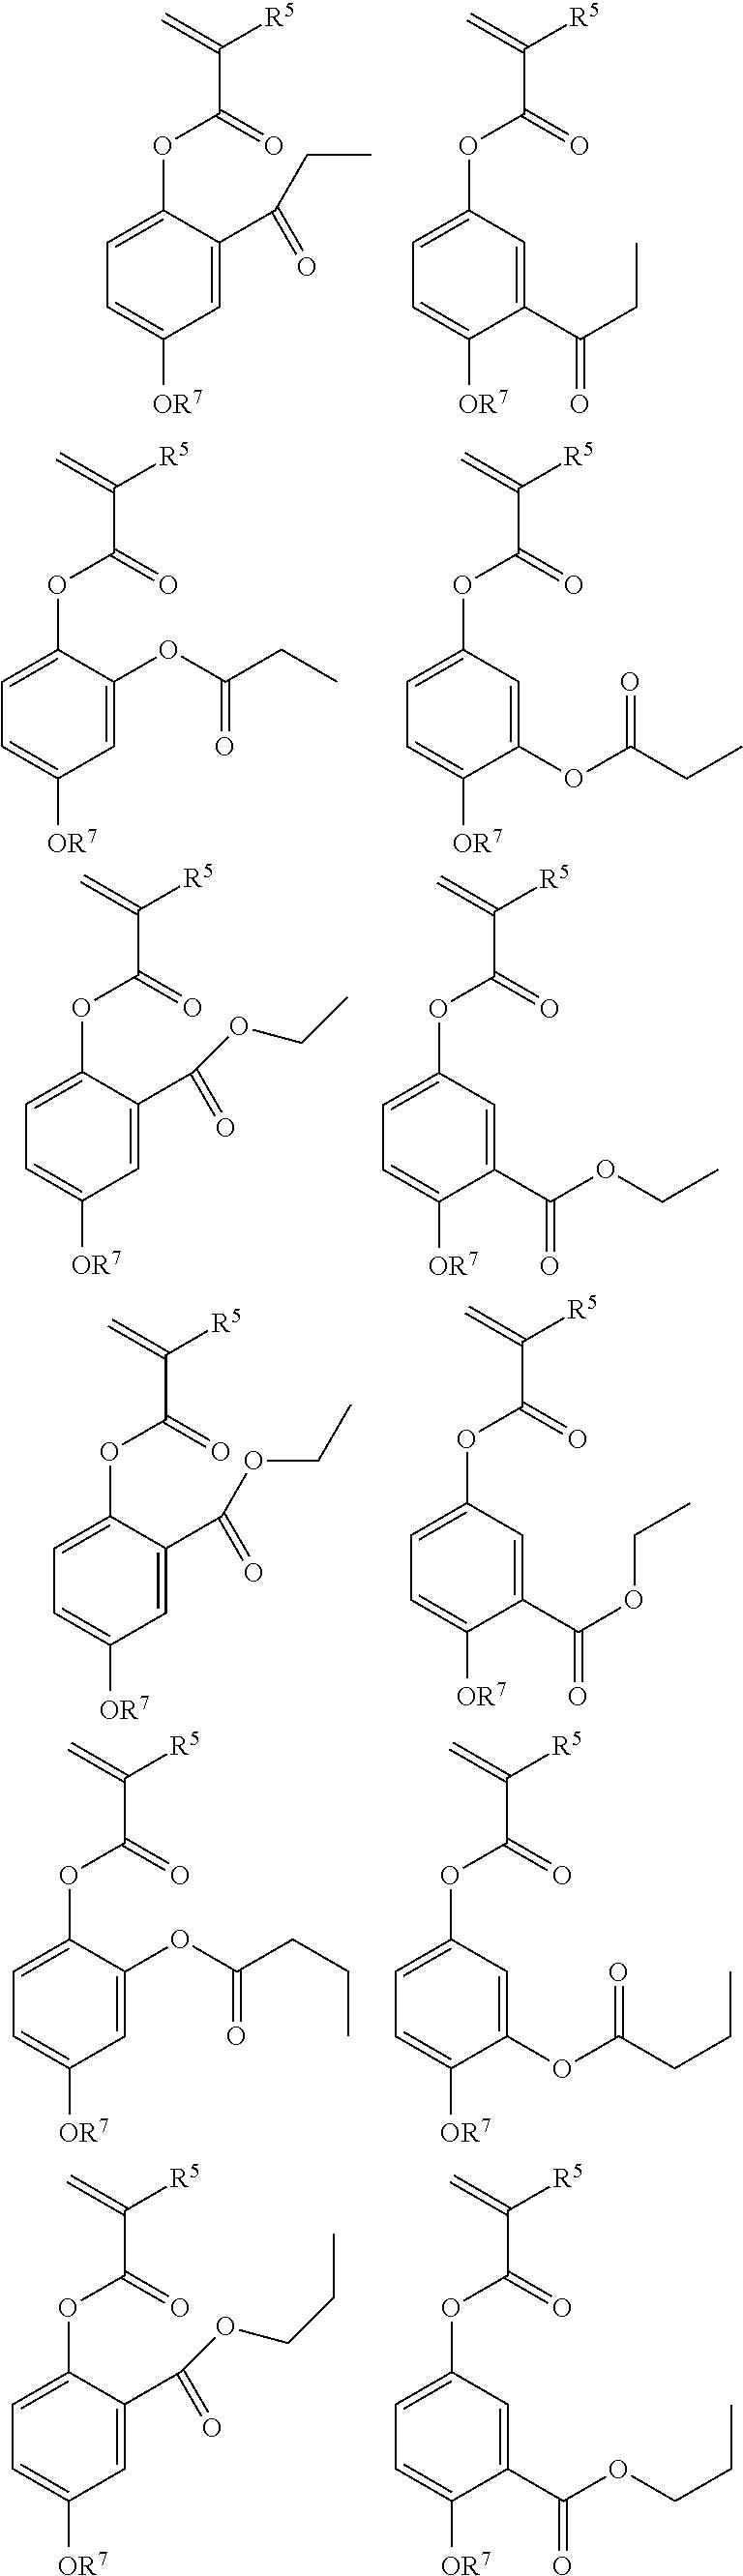 Figure US09316915-20160419-C00018